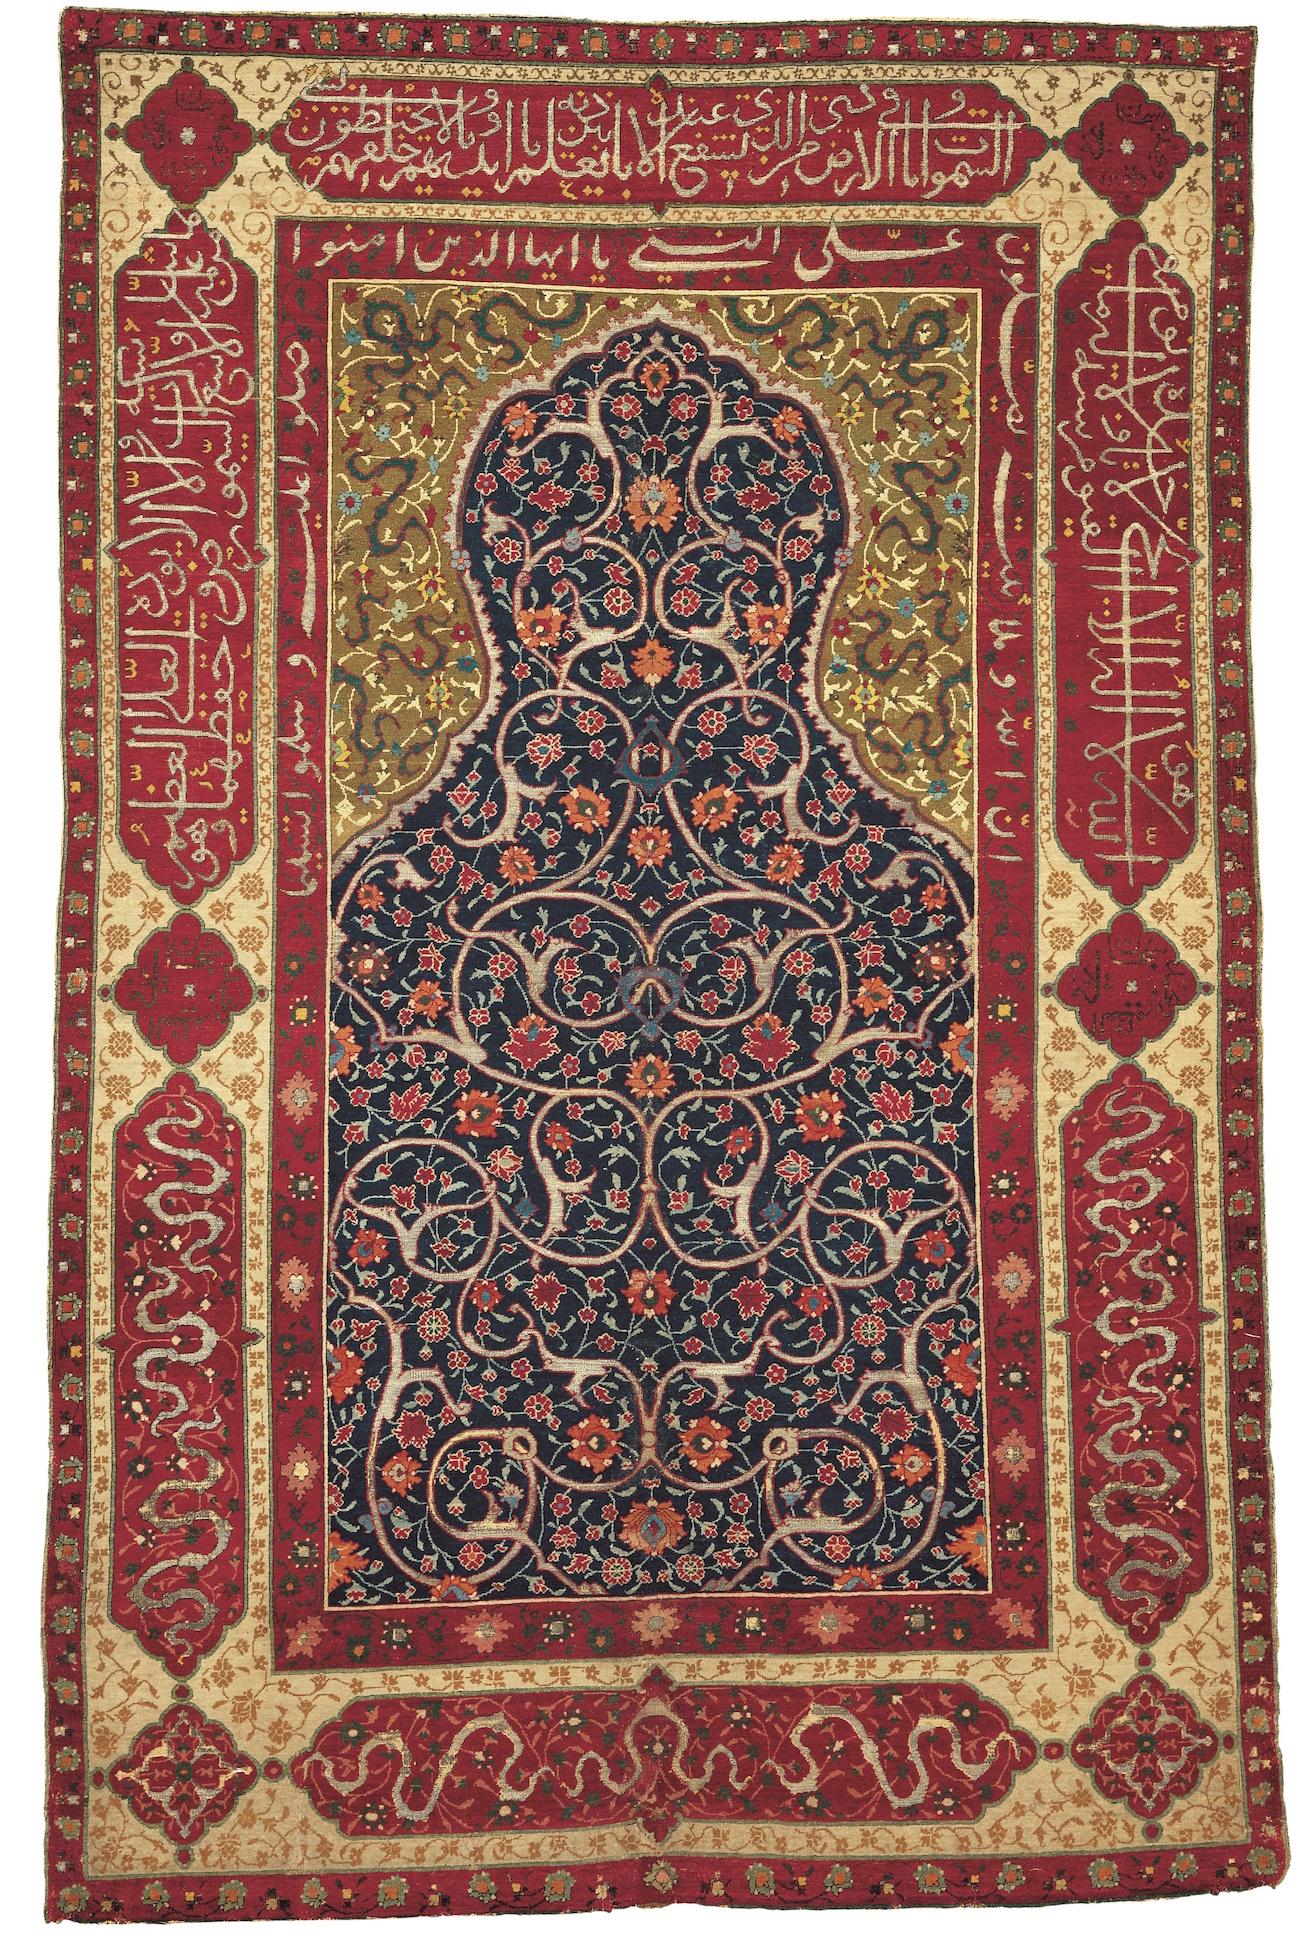 112397 TAPPETO A NICCHIA 'SALTING' Persia centrale XVI secolo, III quarto cm 162 x 104